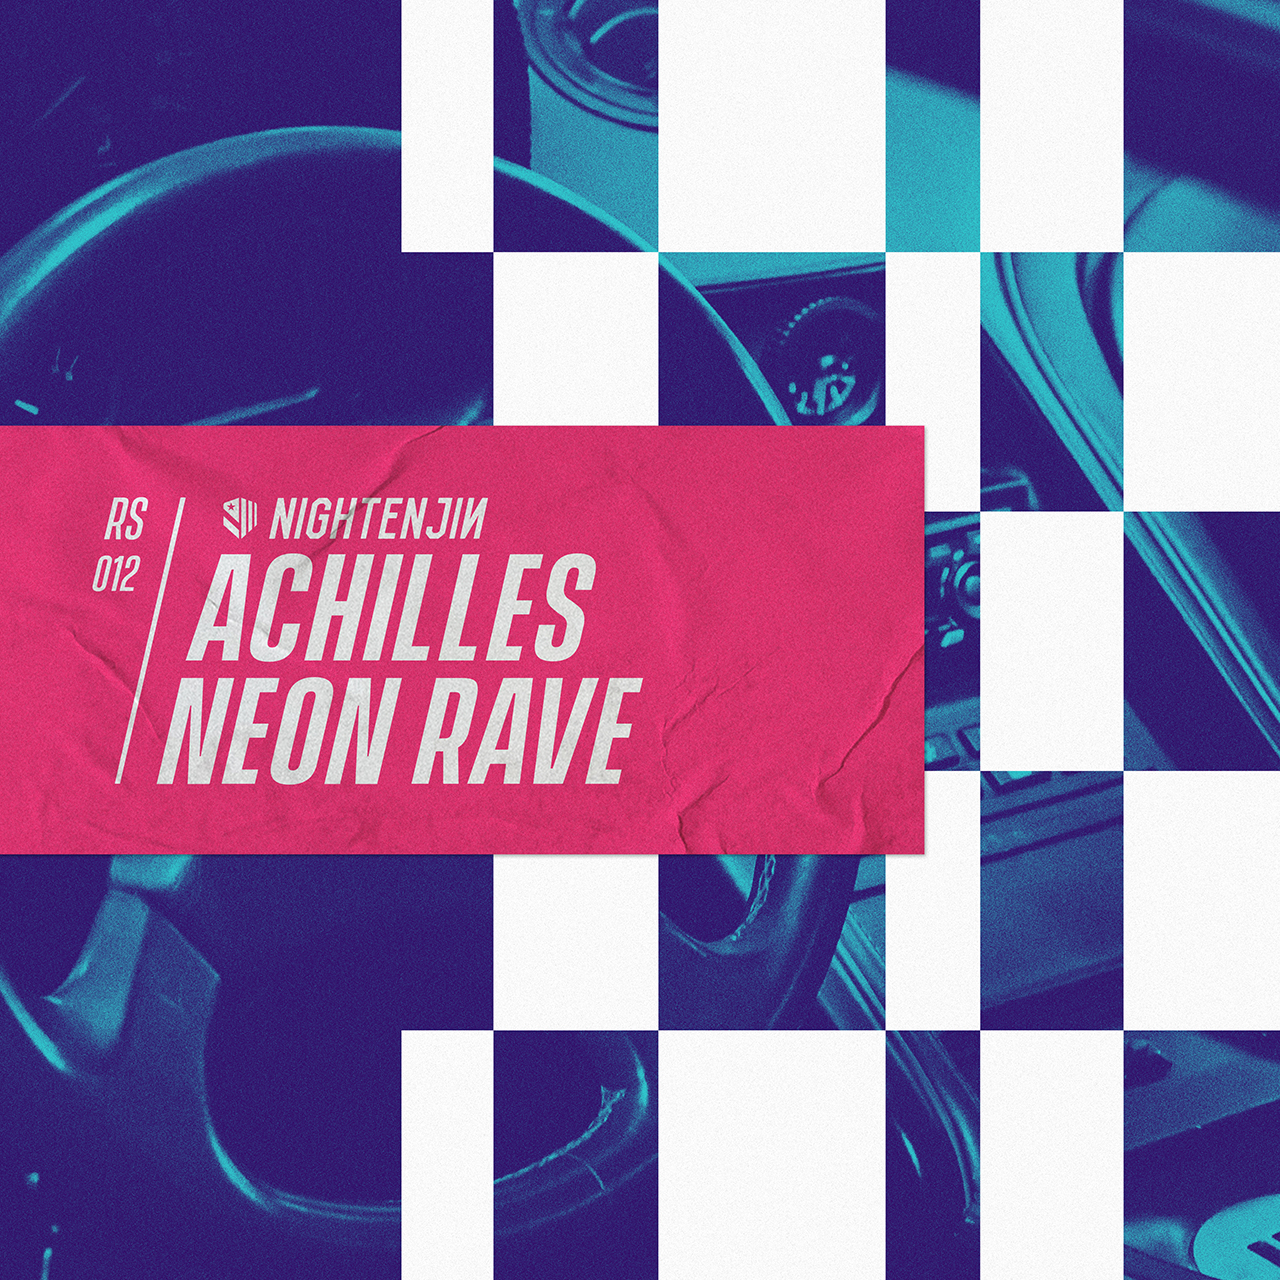 RS012: Achilles - Neon Rave